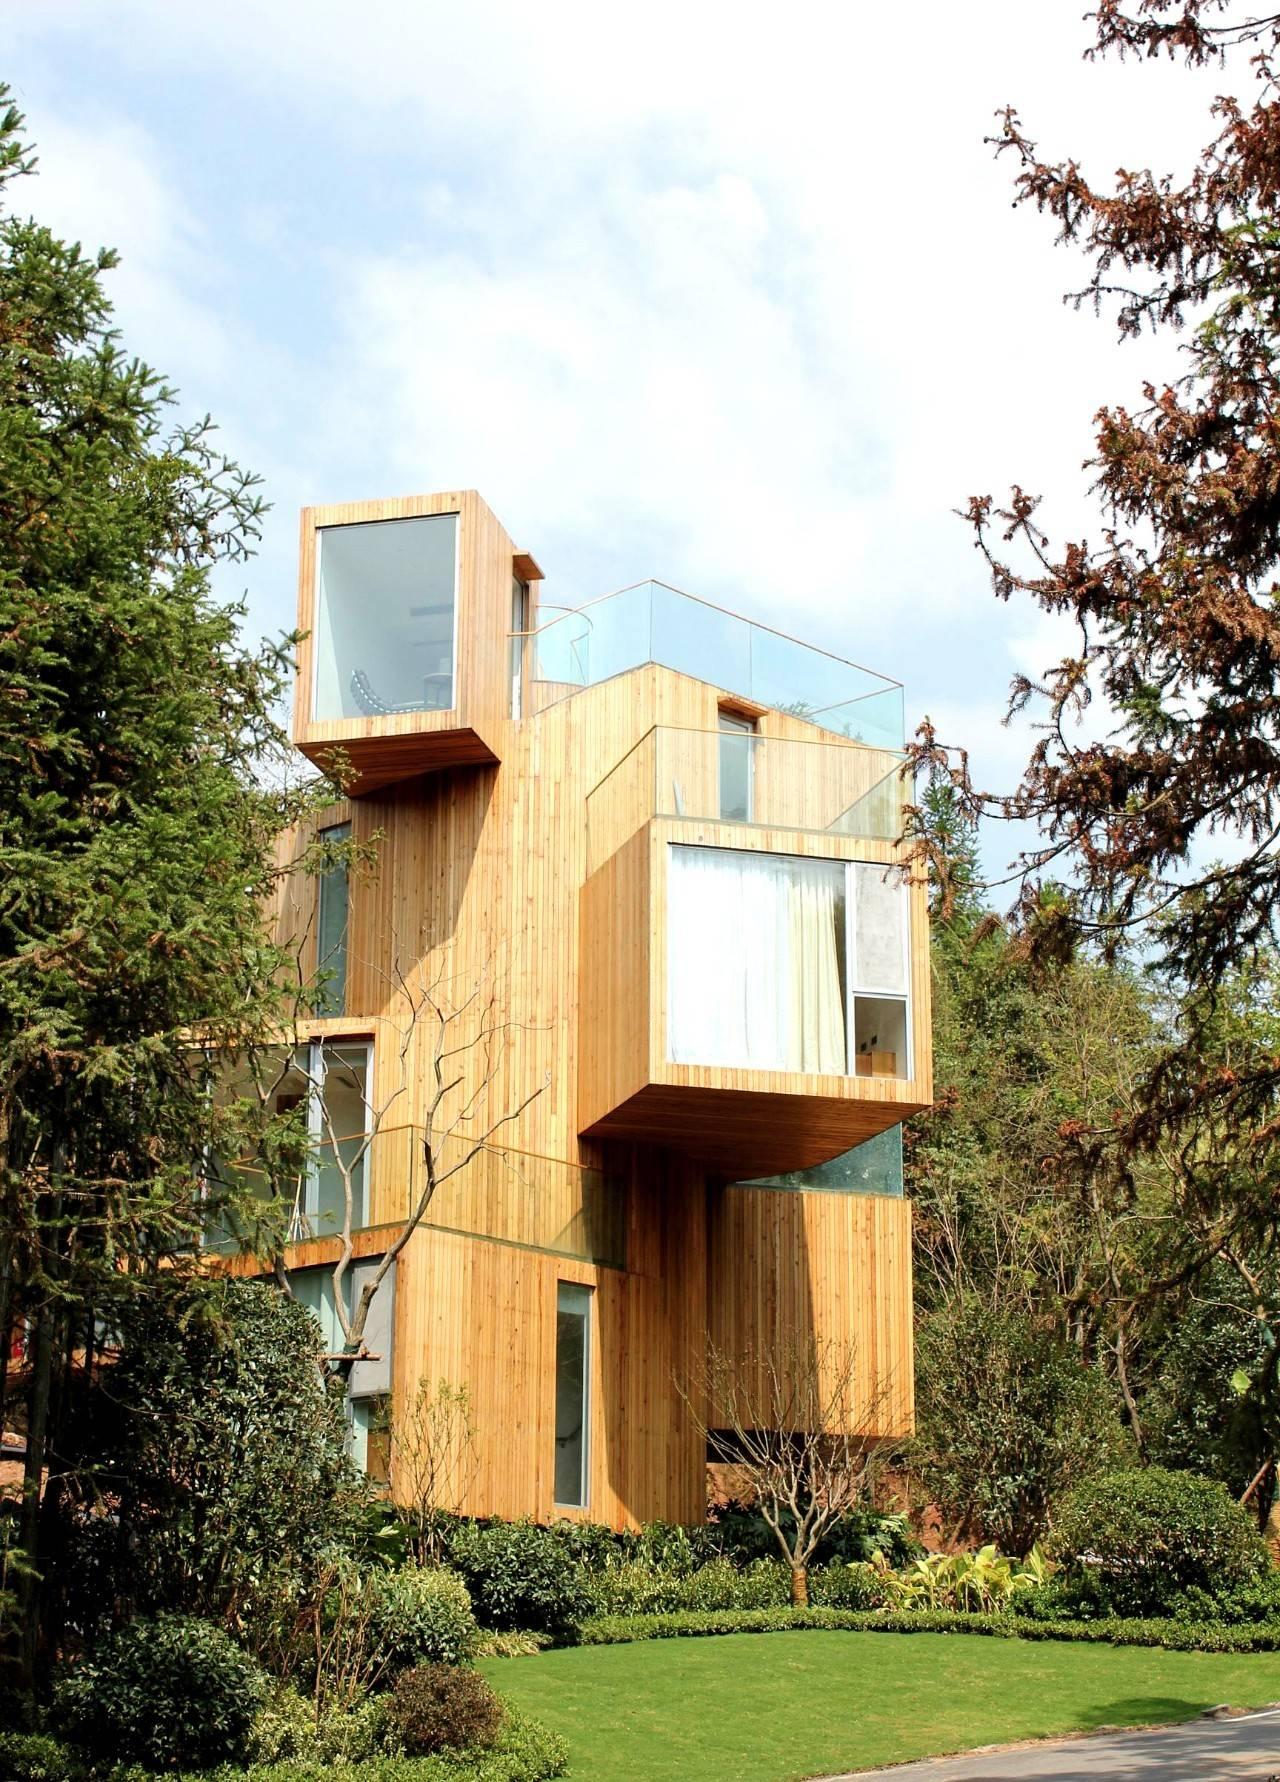 免费体验 | 当黄山森林遇到树屋大师,与自然共生,来一场爬上树梢的旅行!